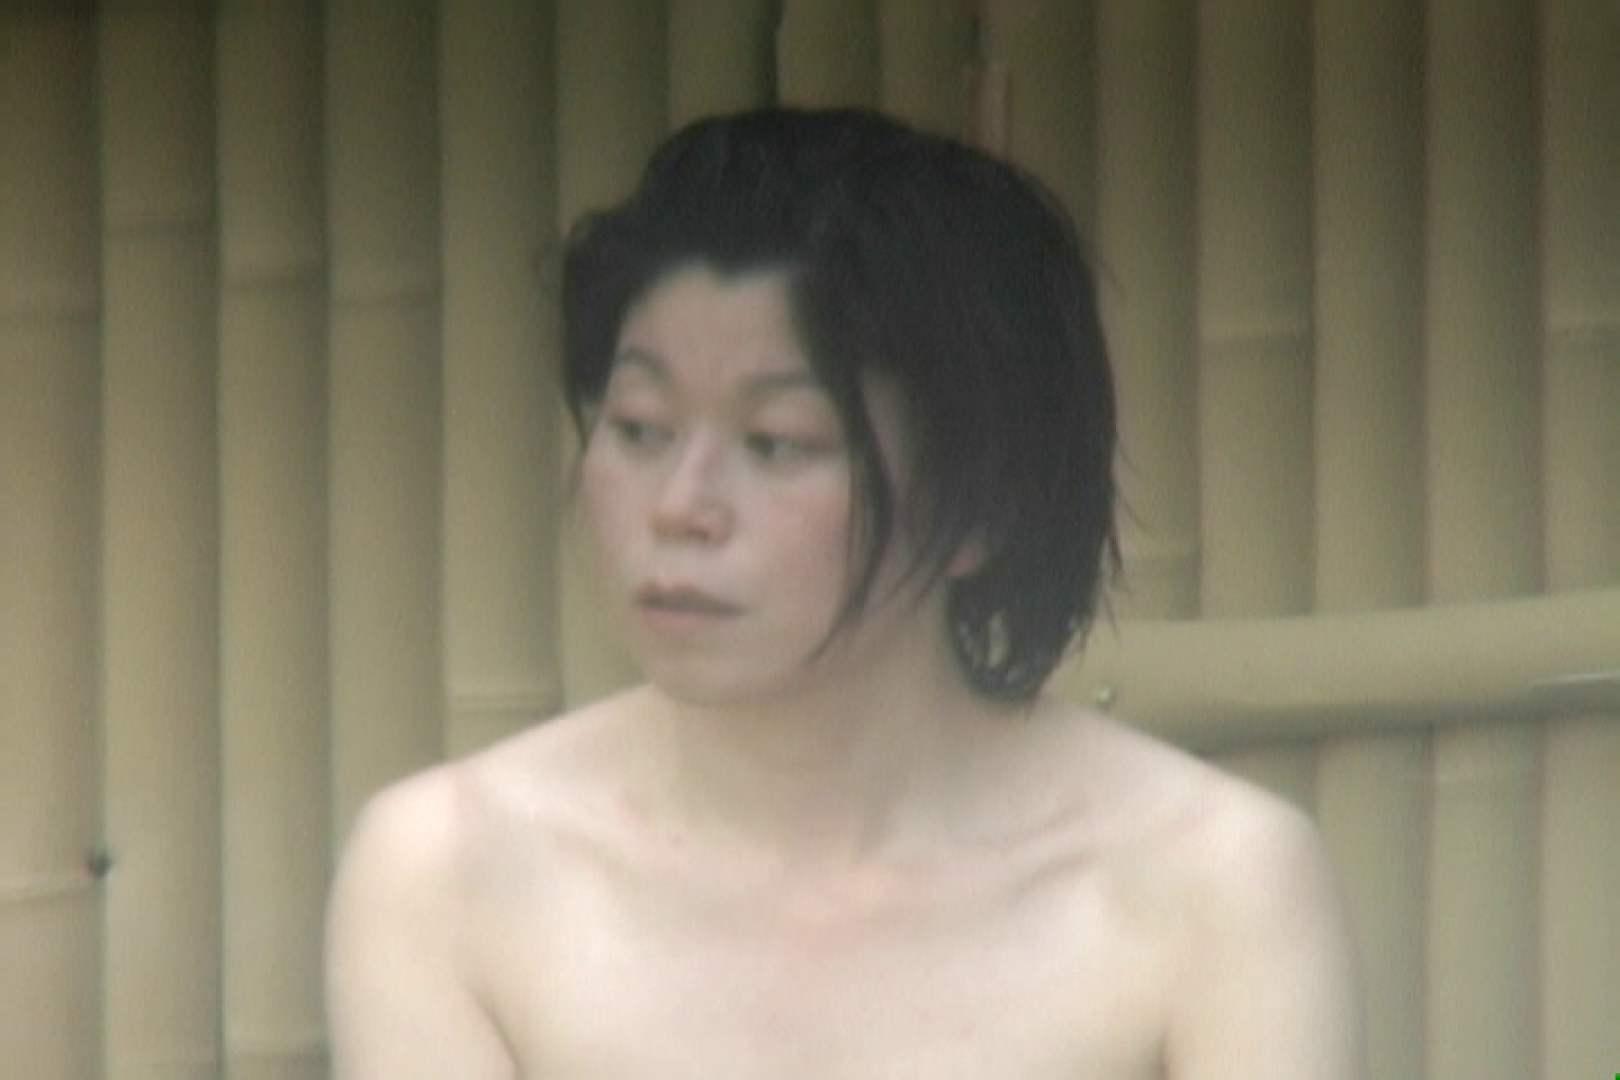 高画質露天女風呂観察 vol.008 入浴 すけべAV動画紹介 102PIX 16